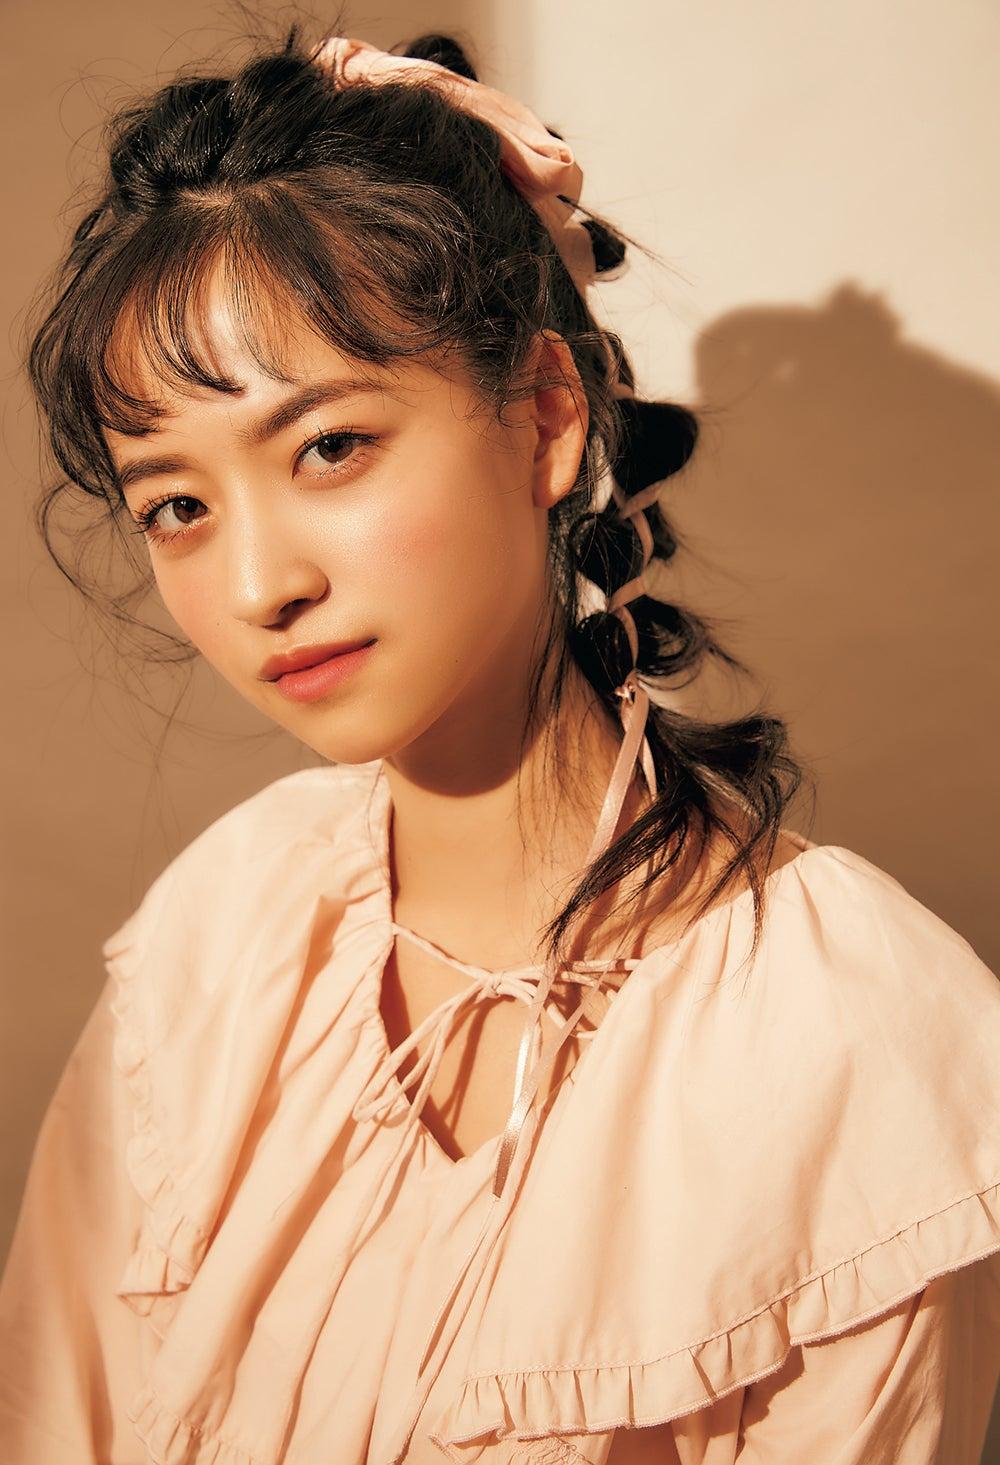 【朗報】乃木坂46で一番スタイルがいい金川紗耶さん non-no賞受賞 専属モデル待ったなし